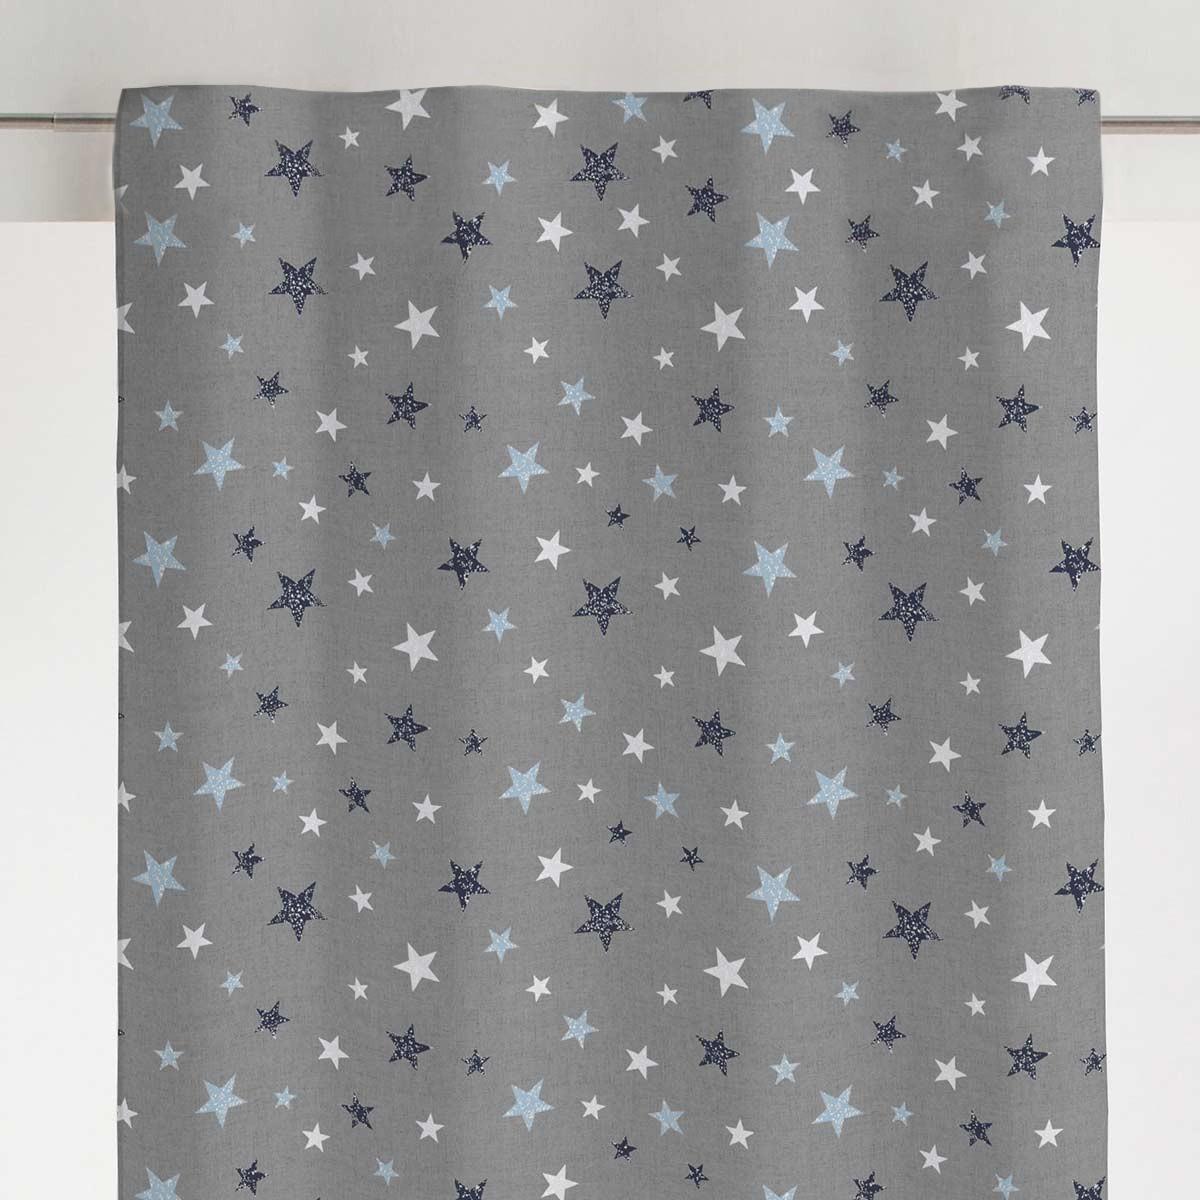 Παιδική Κουρτίνα (280×270) Με Τρέσα Viopros Σκάι Μπλε